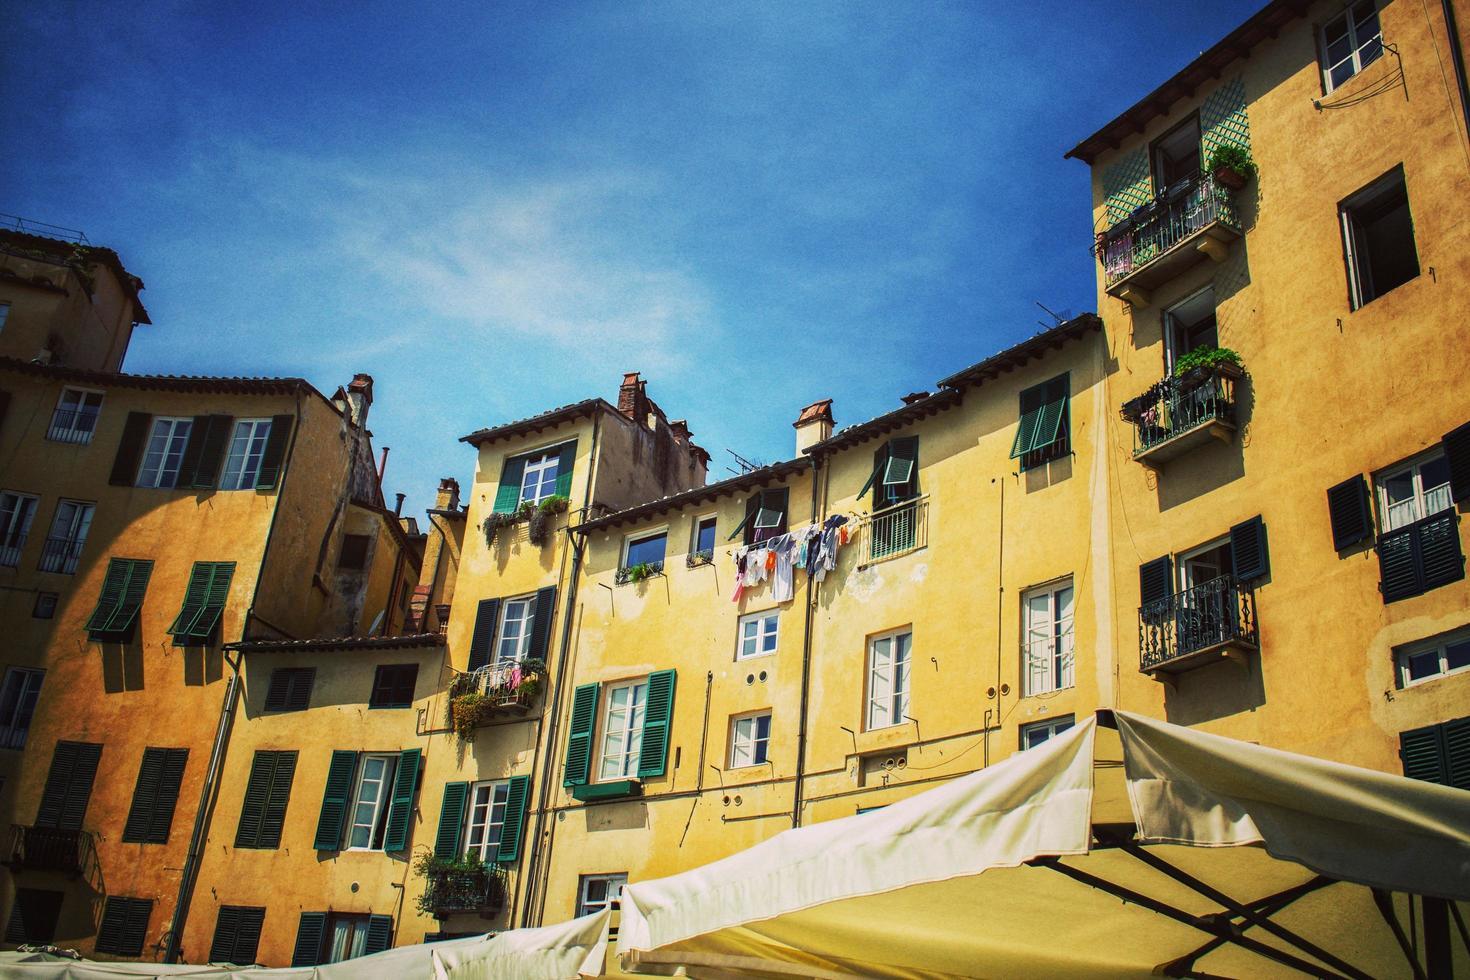 lucca, toscana, italia. 2020 - piazza dell anfiteatro durante el día foto